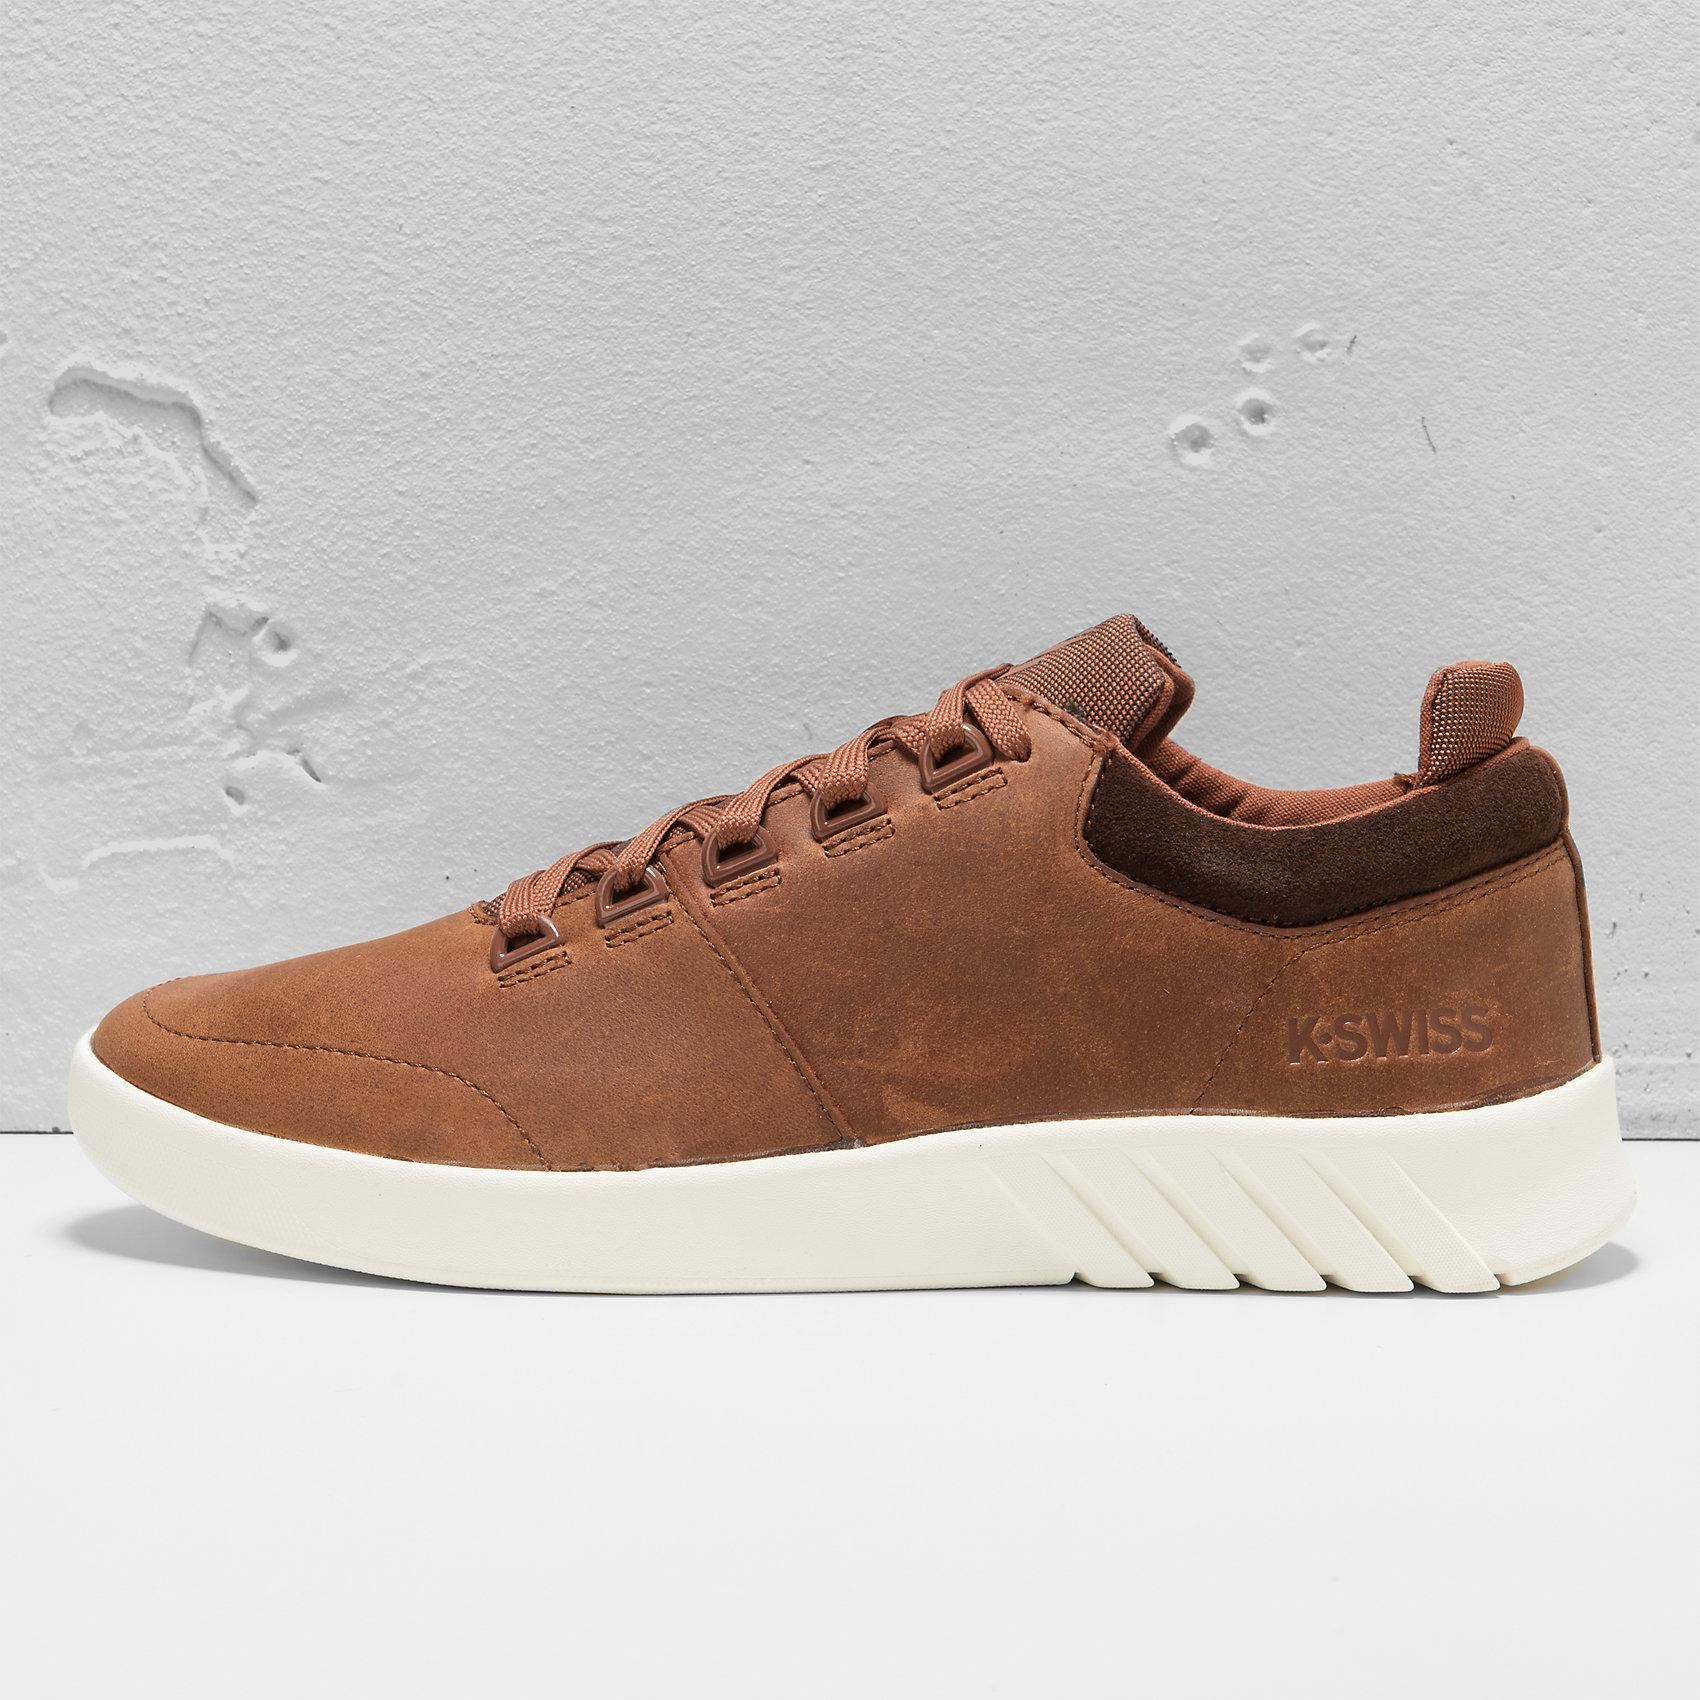 Neu K-SWISS Aero Trainer Sneakers 5776233 für Herren braun